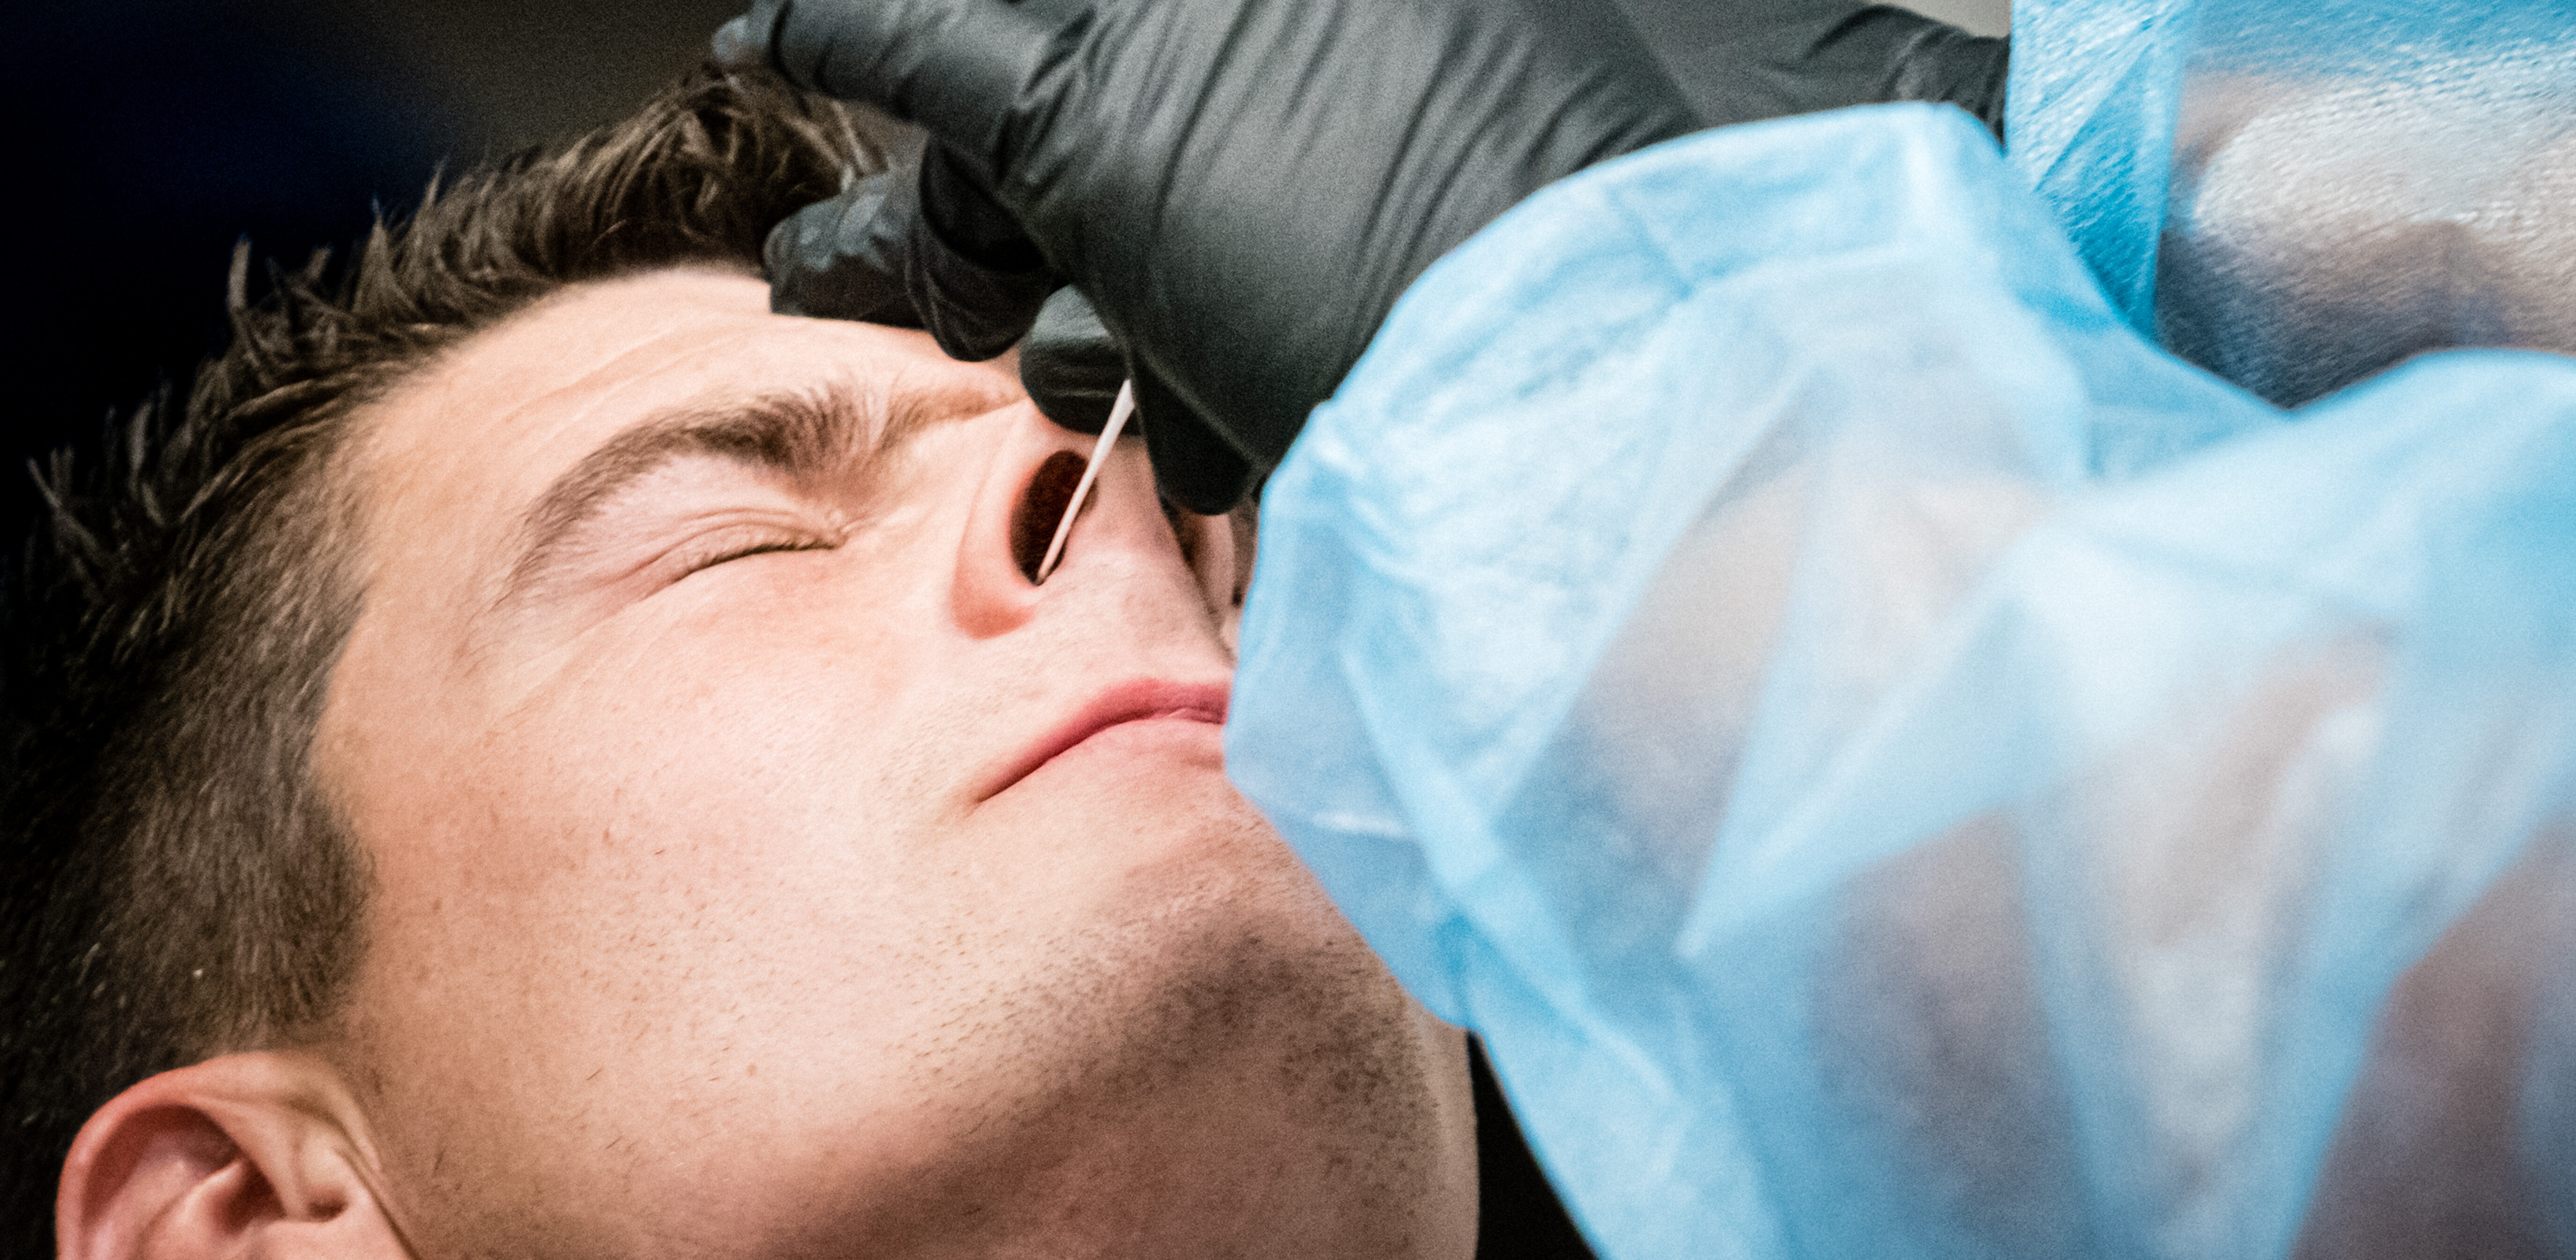 Een foto van een man die getest wordt op corona